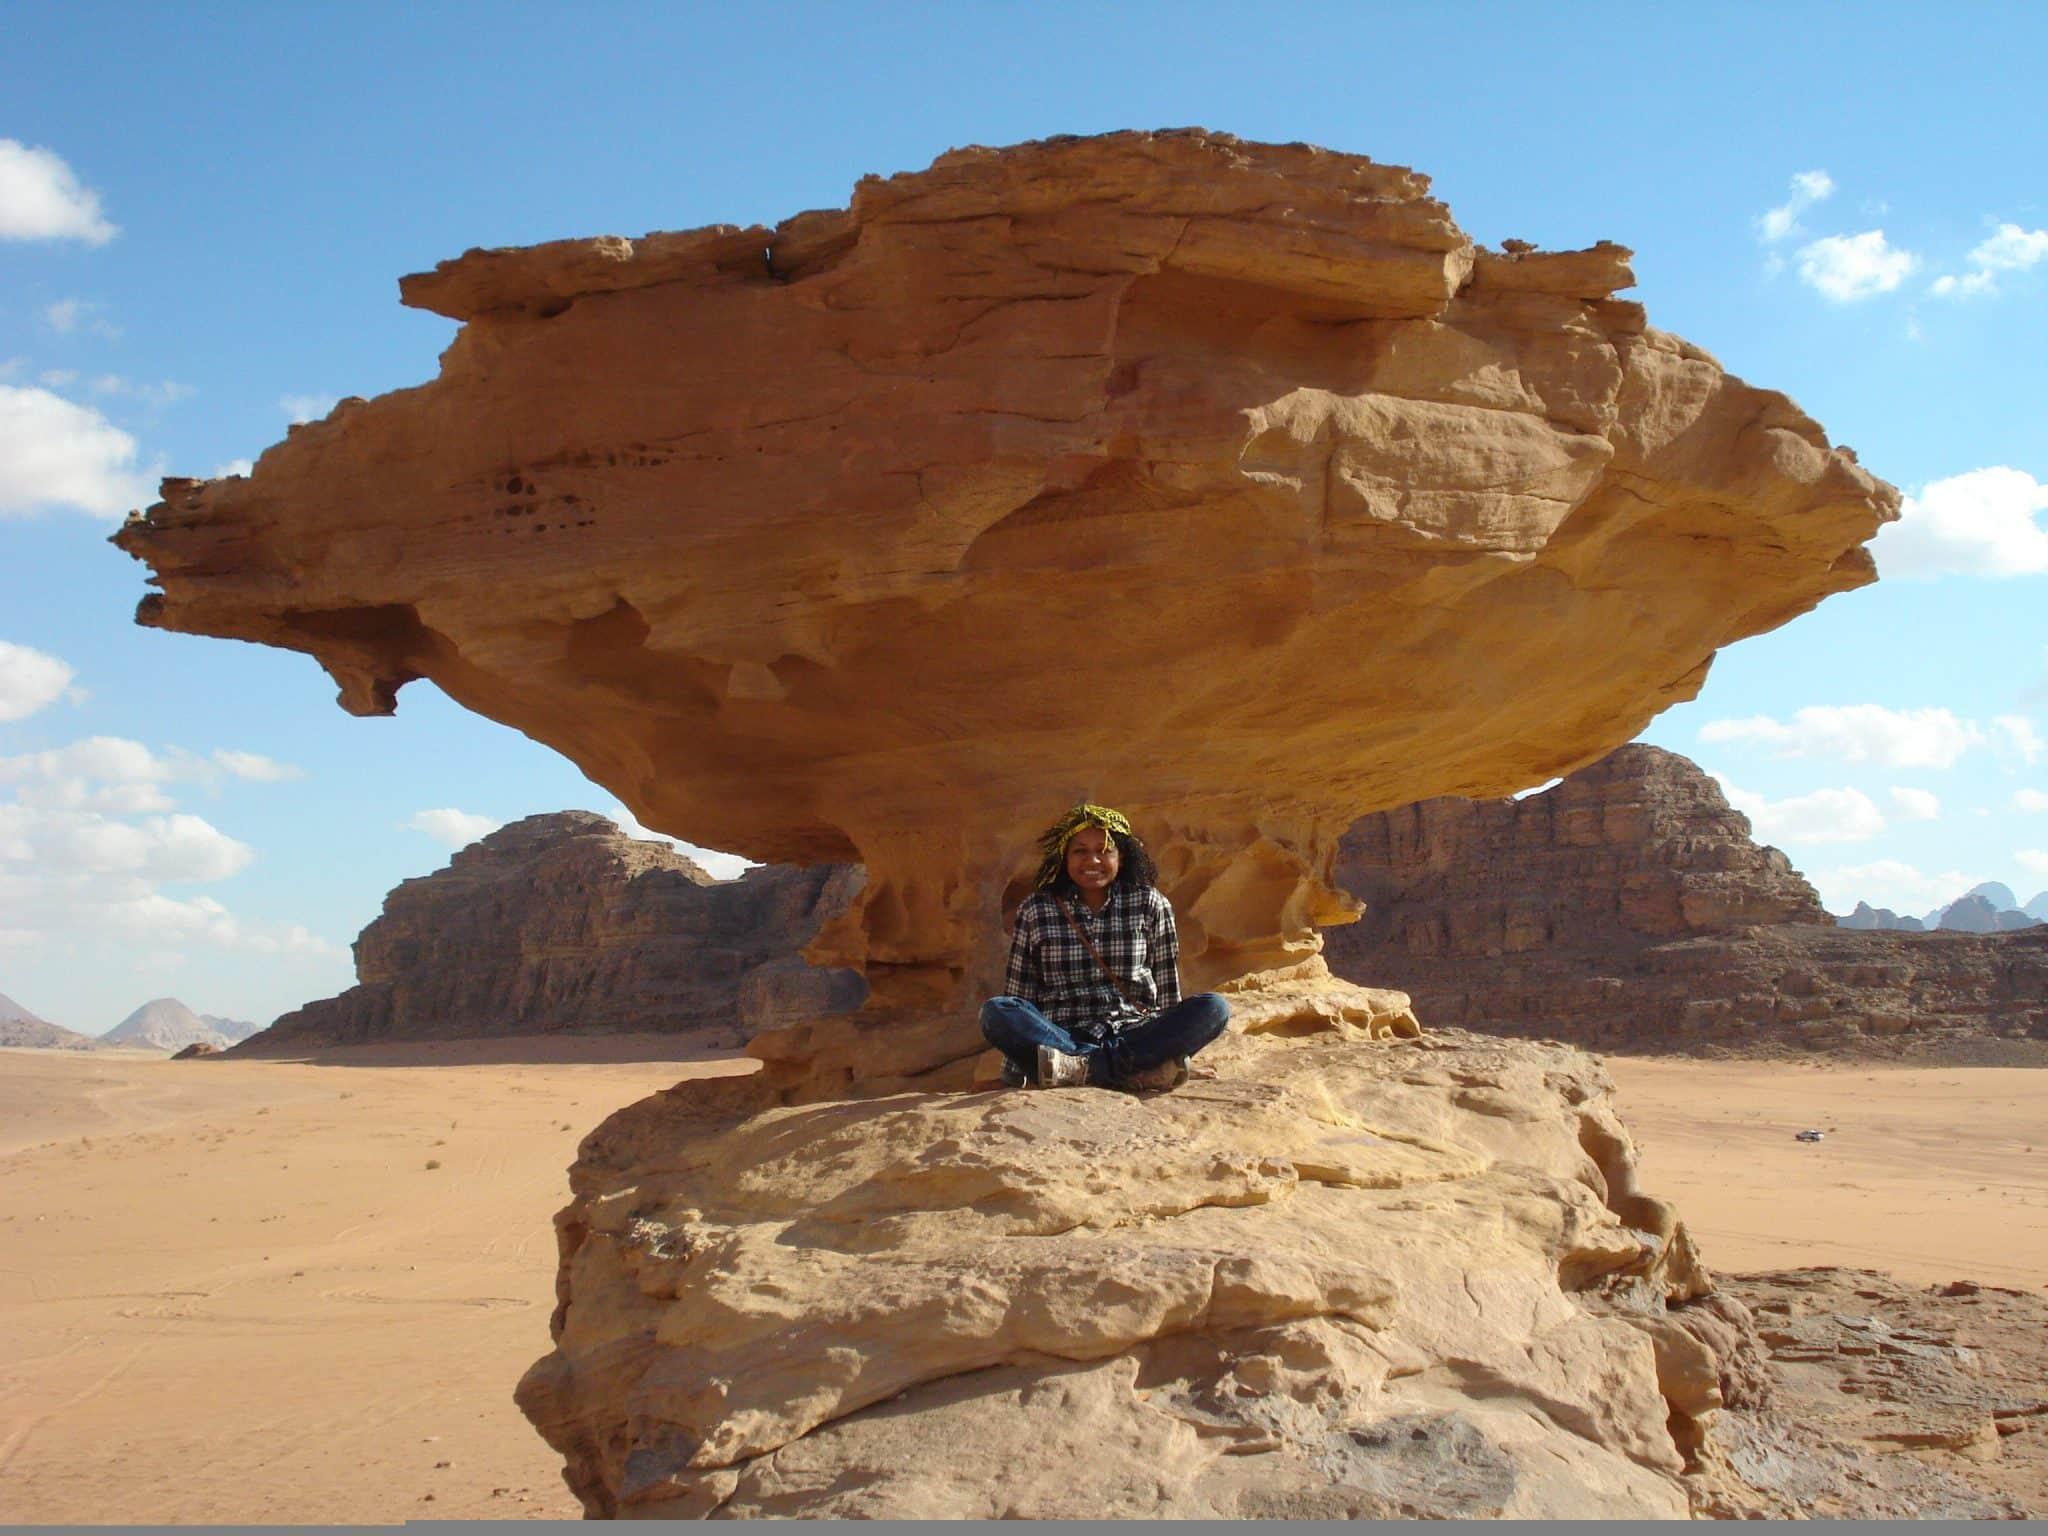 jordan-esther-client-rare-finds-travel-trip-of-a-lifetime